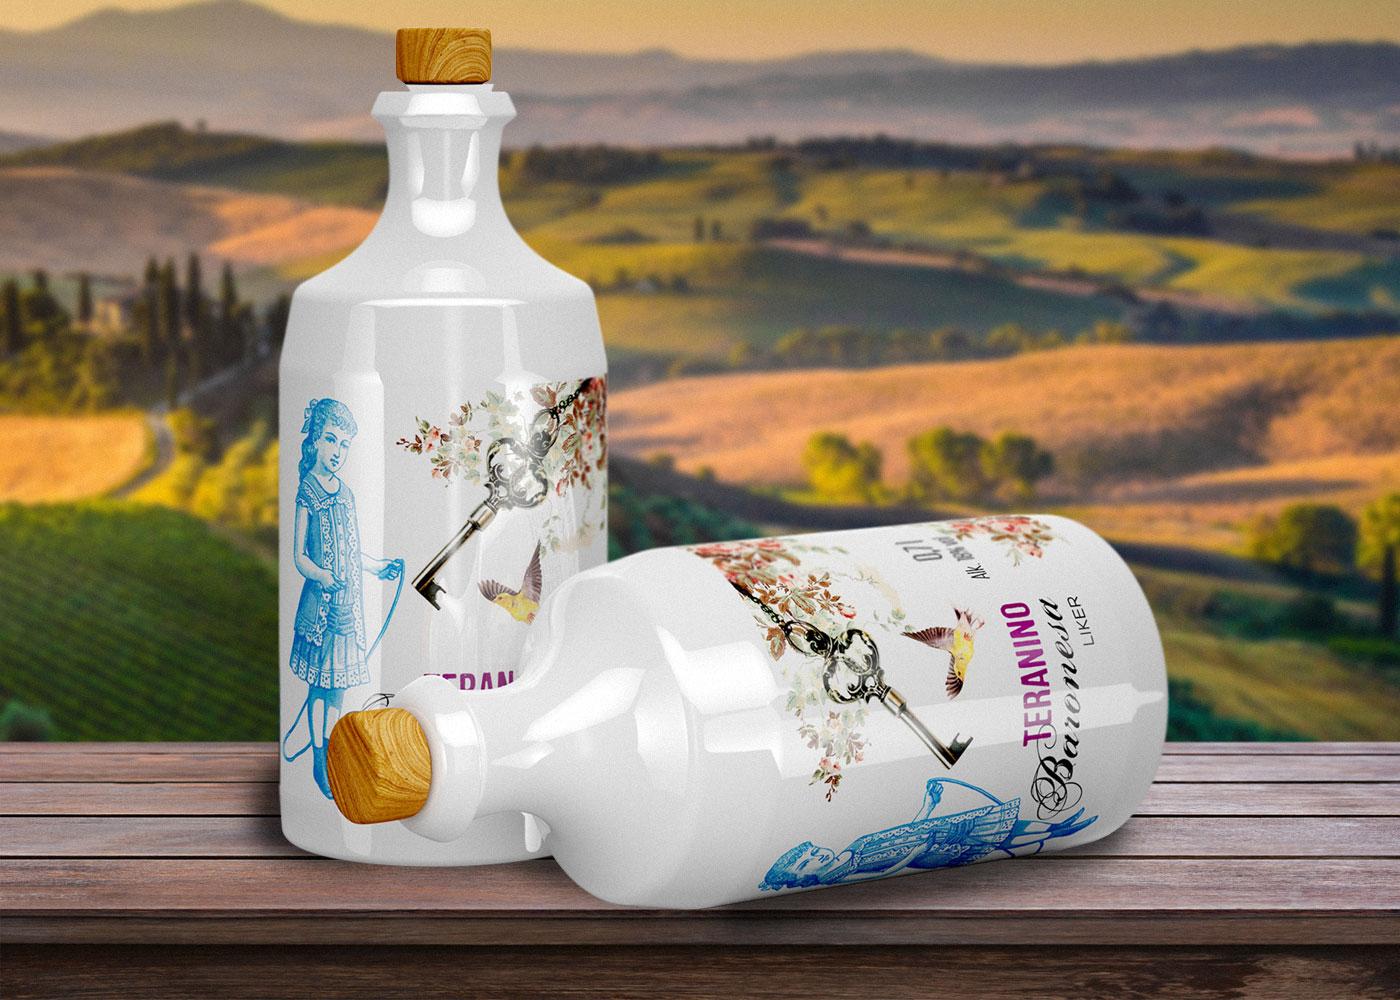 Label design for liquor Teranino Baronesa